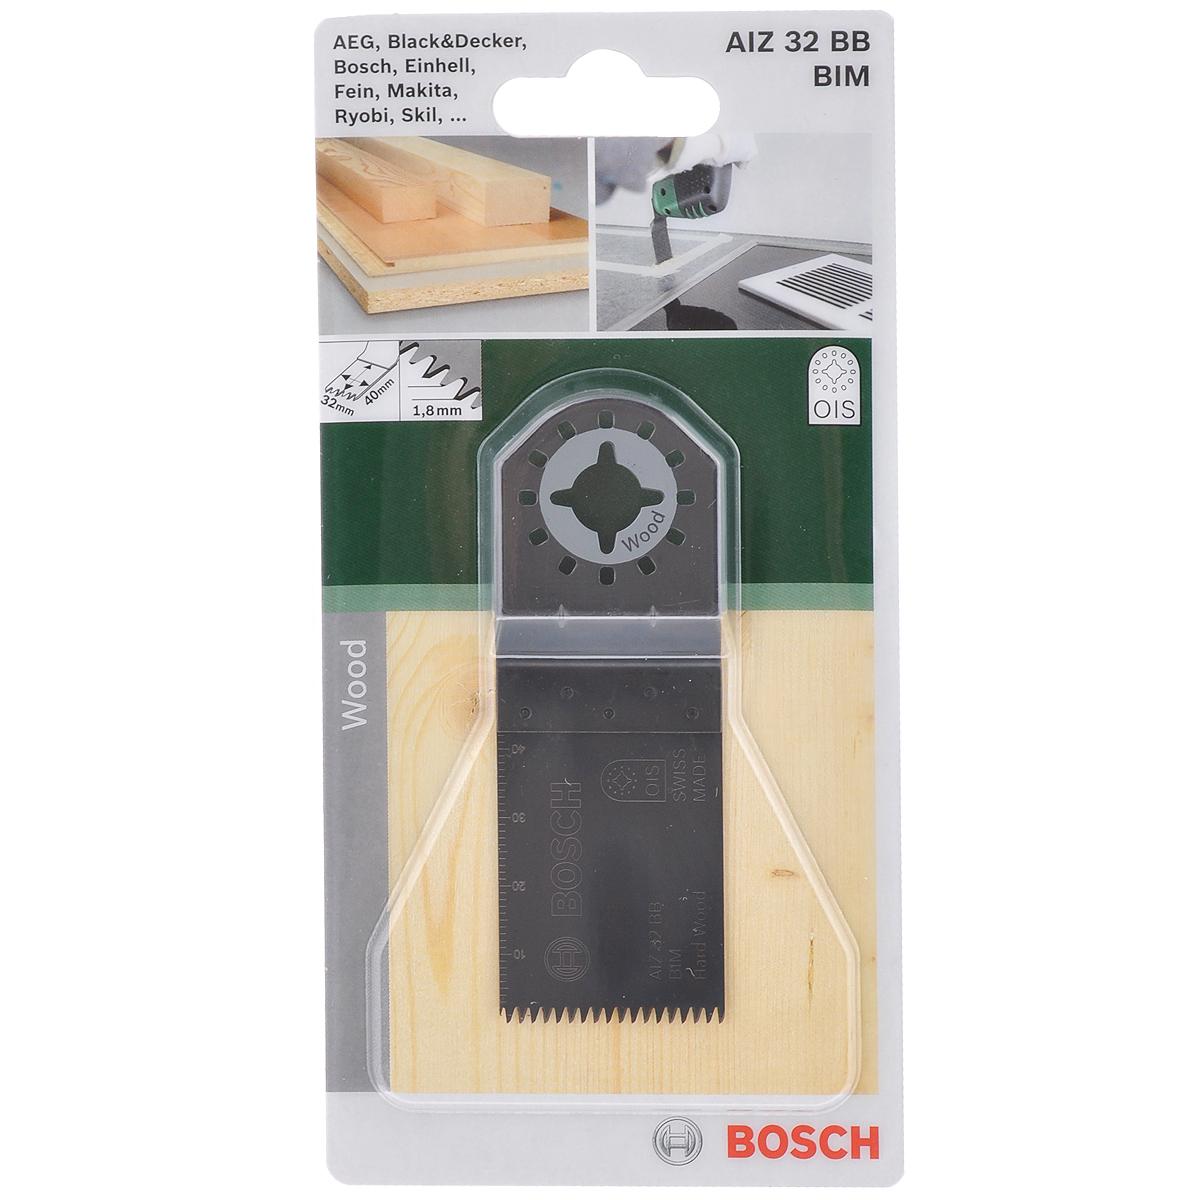 Пильное полотно по дереву Bosch Bim Hardwood, для PMF 180, 32х40 мм2609256946Биметаллическое погружное пильное полотно Bosch предназначено для многофункционального инструмента PMF 180. Применяется для врезного пиления в древесных плитах, вырезания отверстий в мебели для удобства монтажа кабелей электрооборудования, также для подрезания деревянных изделий заподлицо со смежной поверхностью. Шаг зубьев: 1,8 мм.